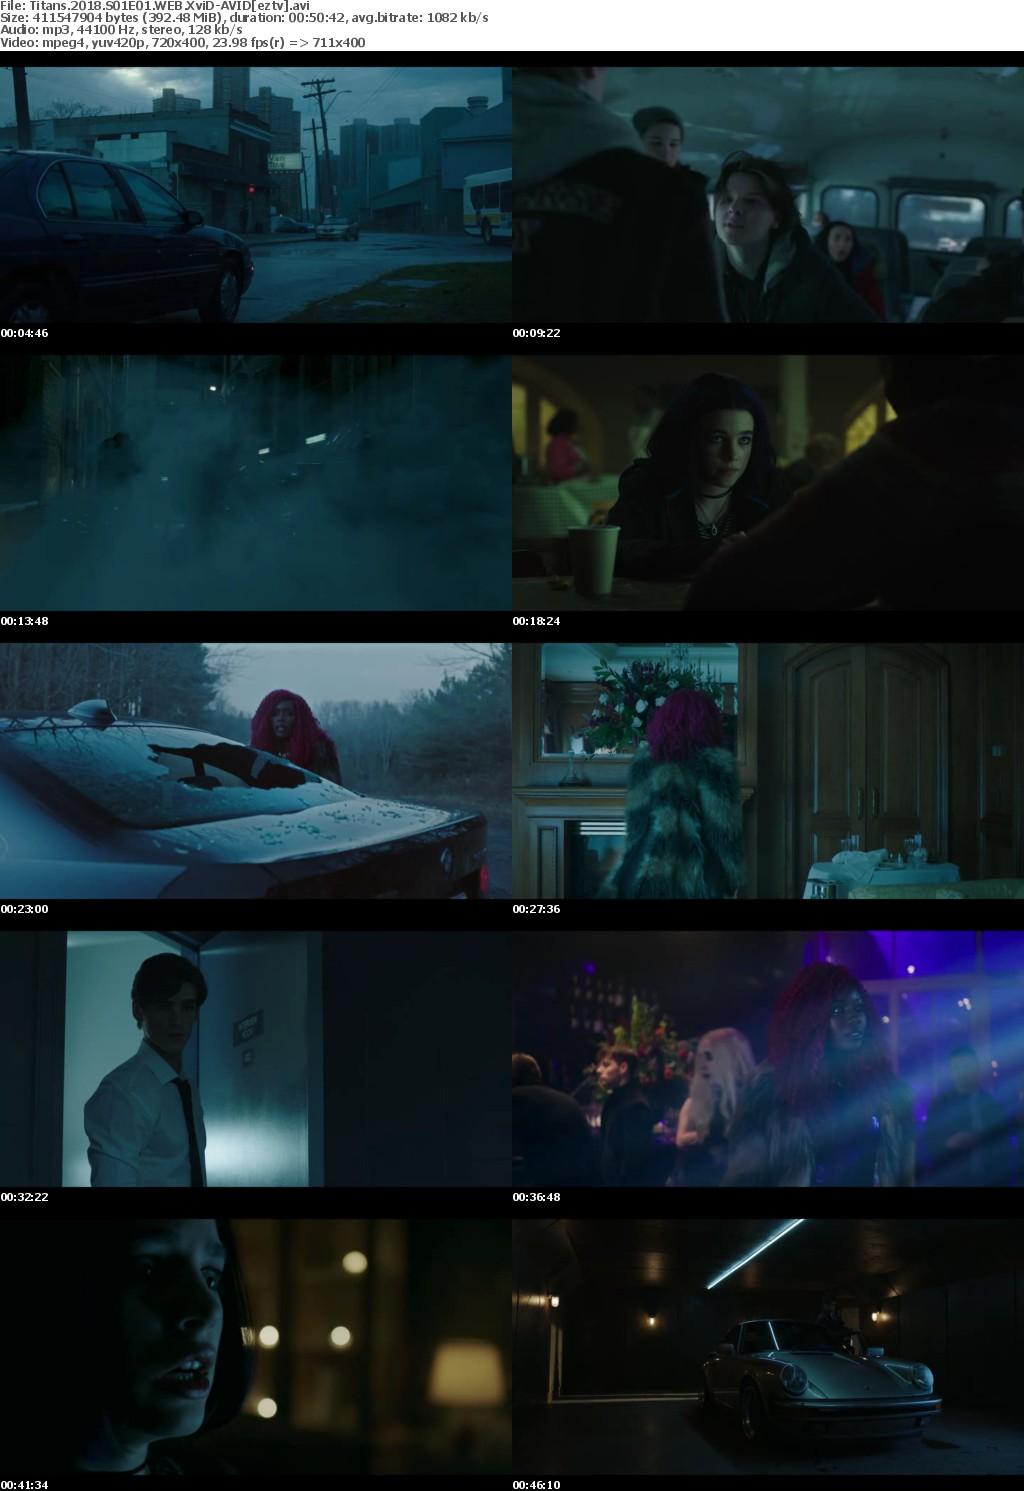 Titans (2018) S01E01 WEB XviD-AVID